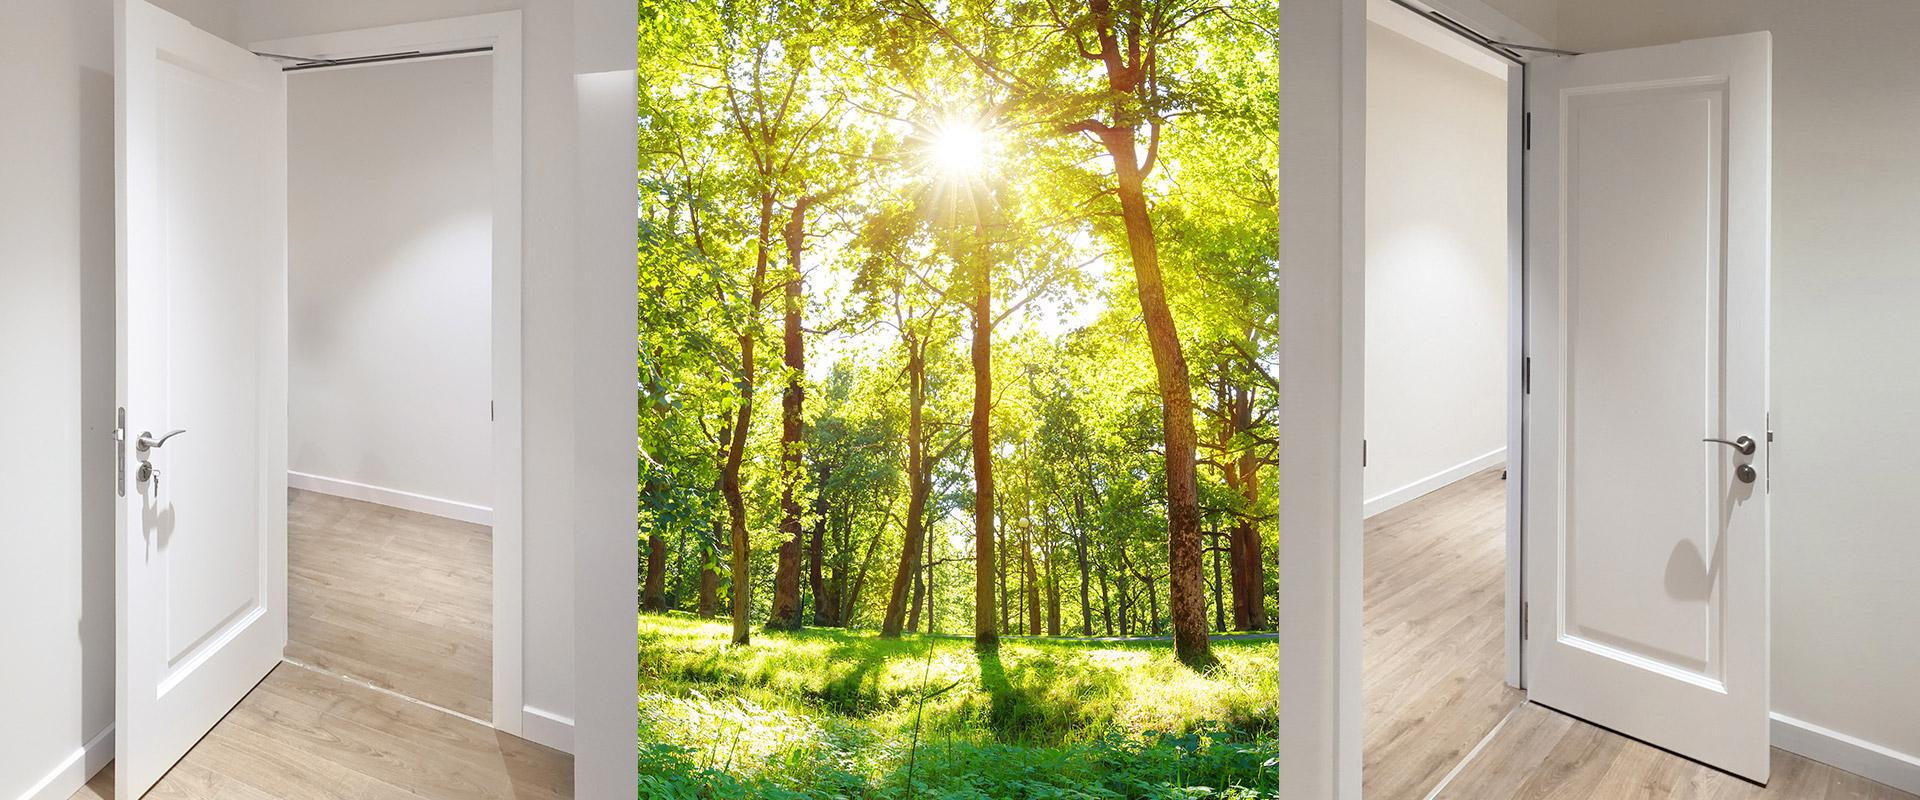 Bespoke Wooden Door